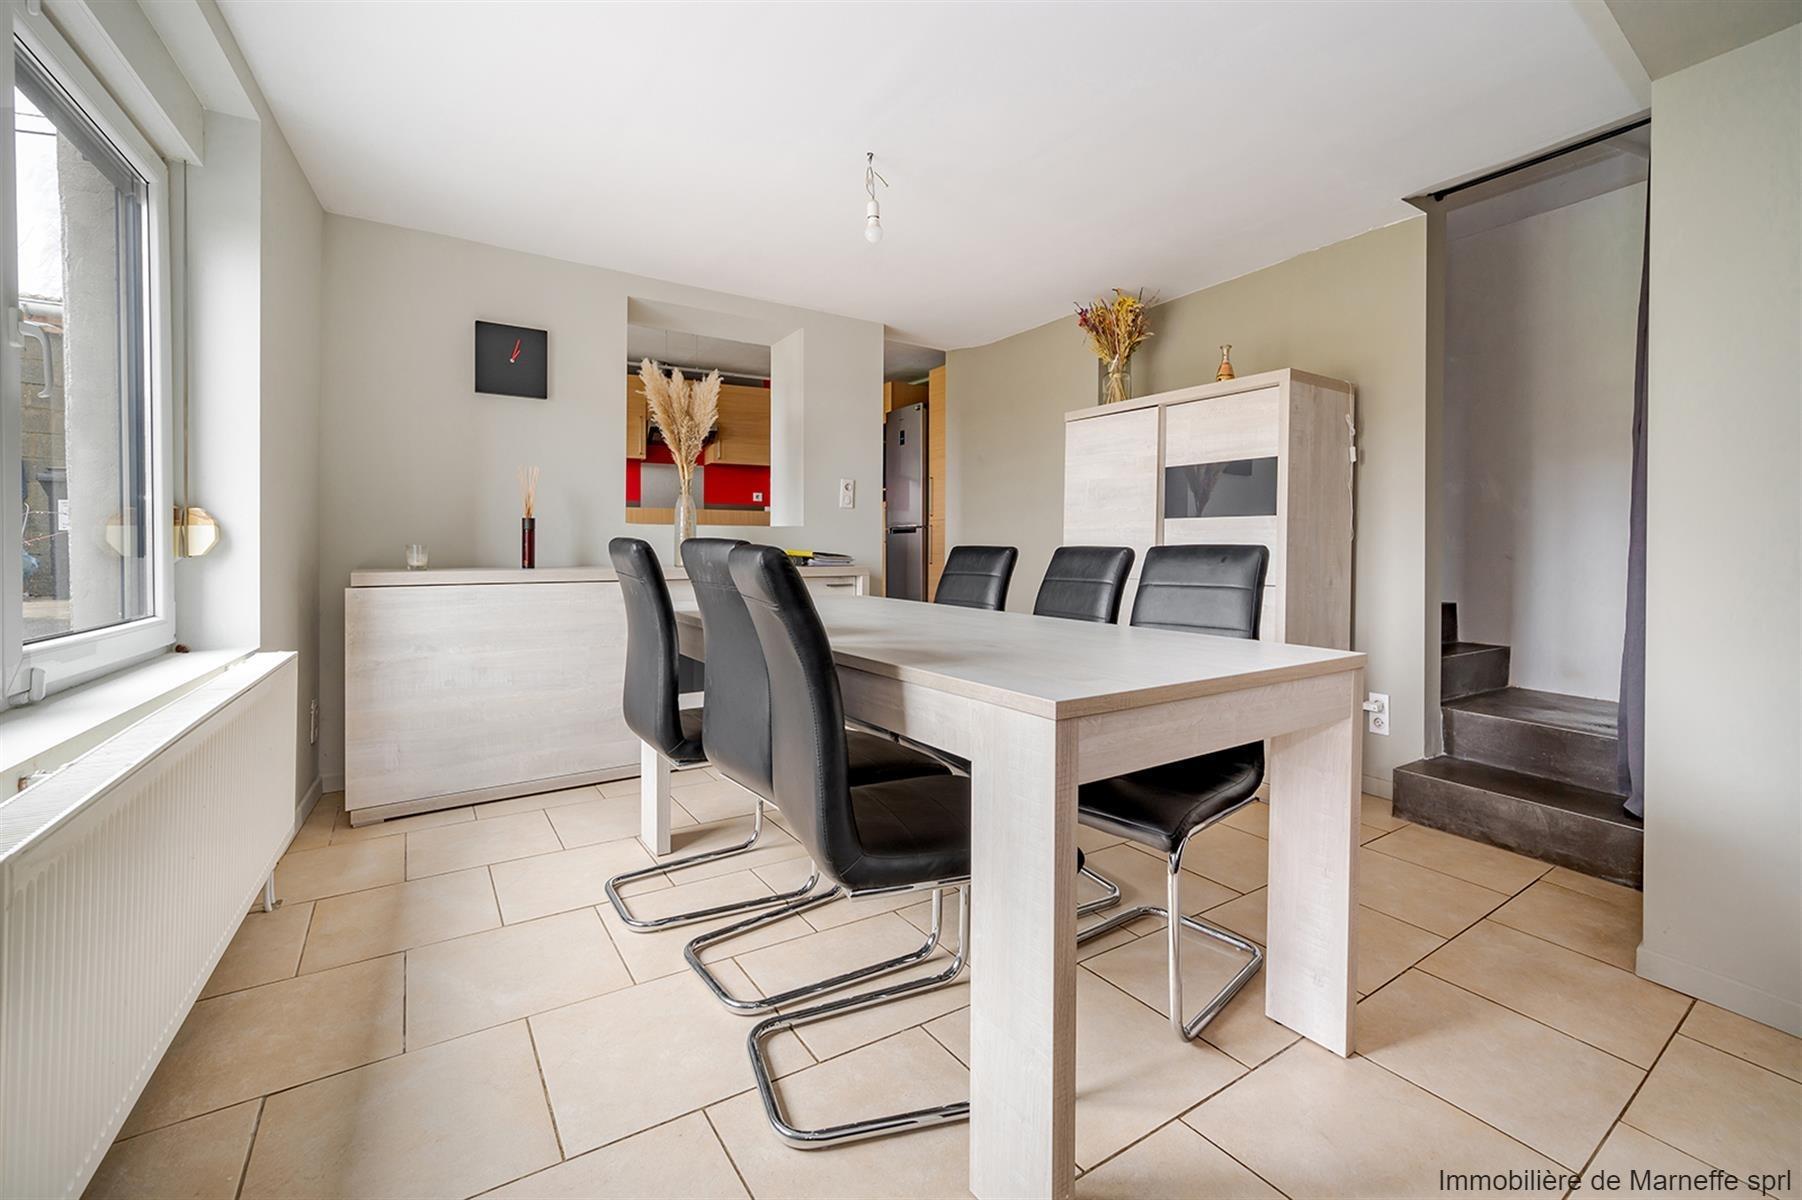 Maison - Villers-le-Bouillet - #4340473-3